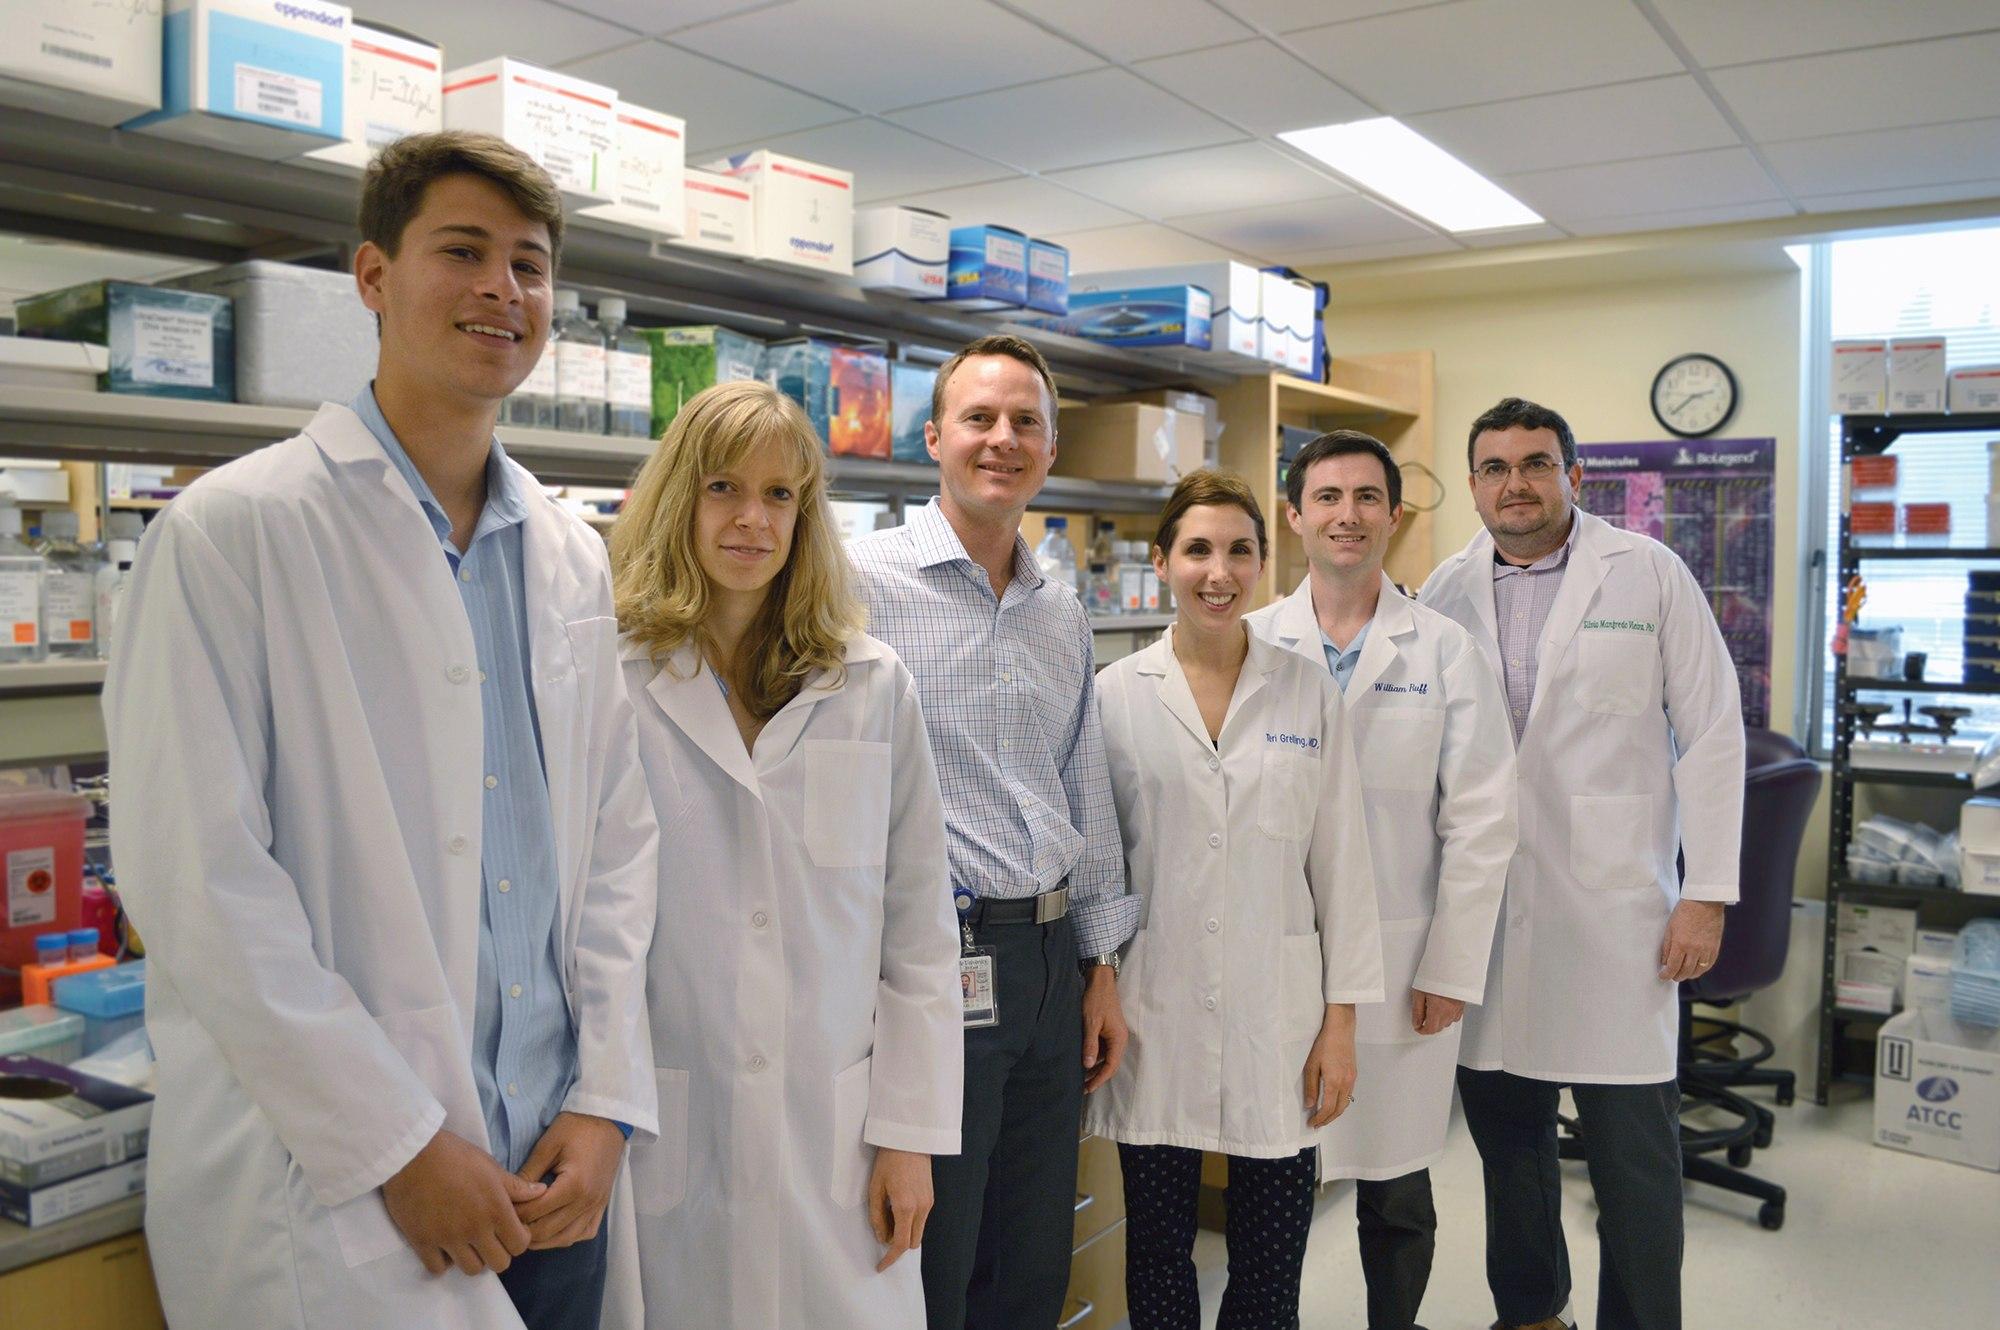 Dr. Martin Kriegel's team